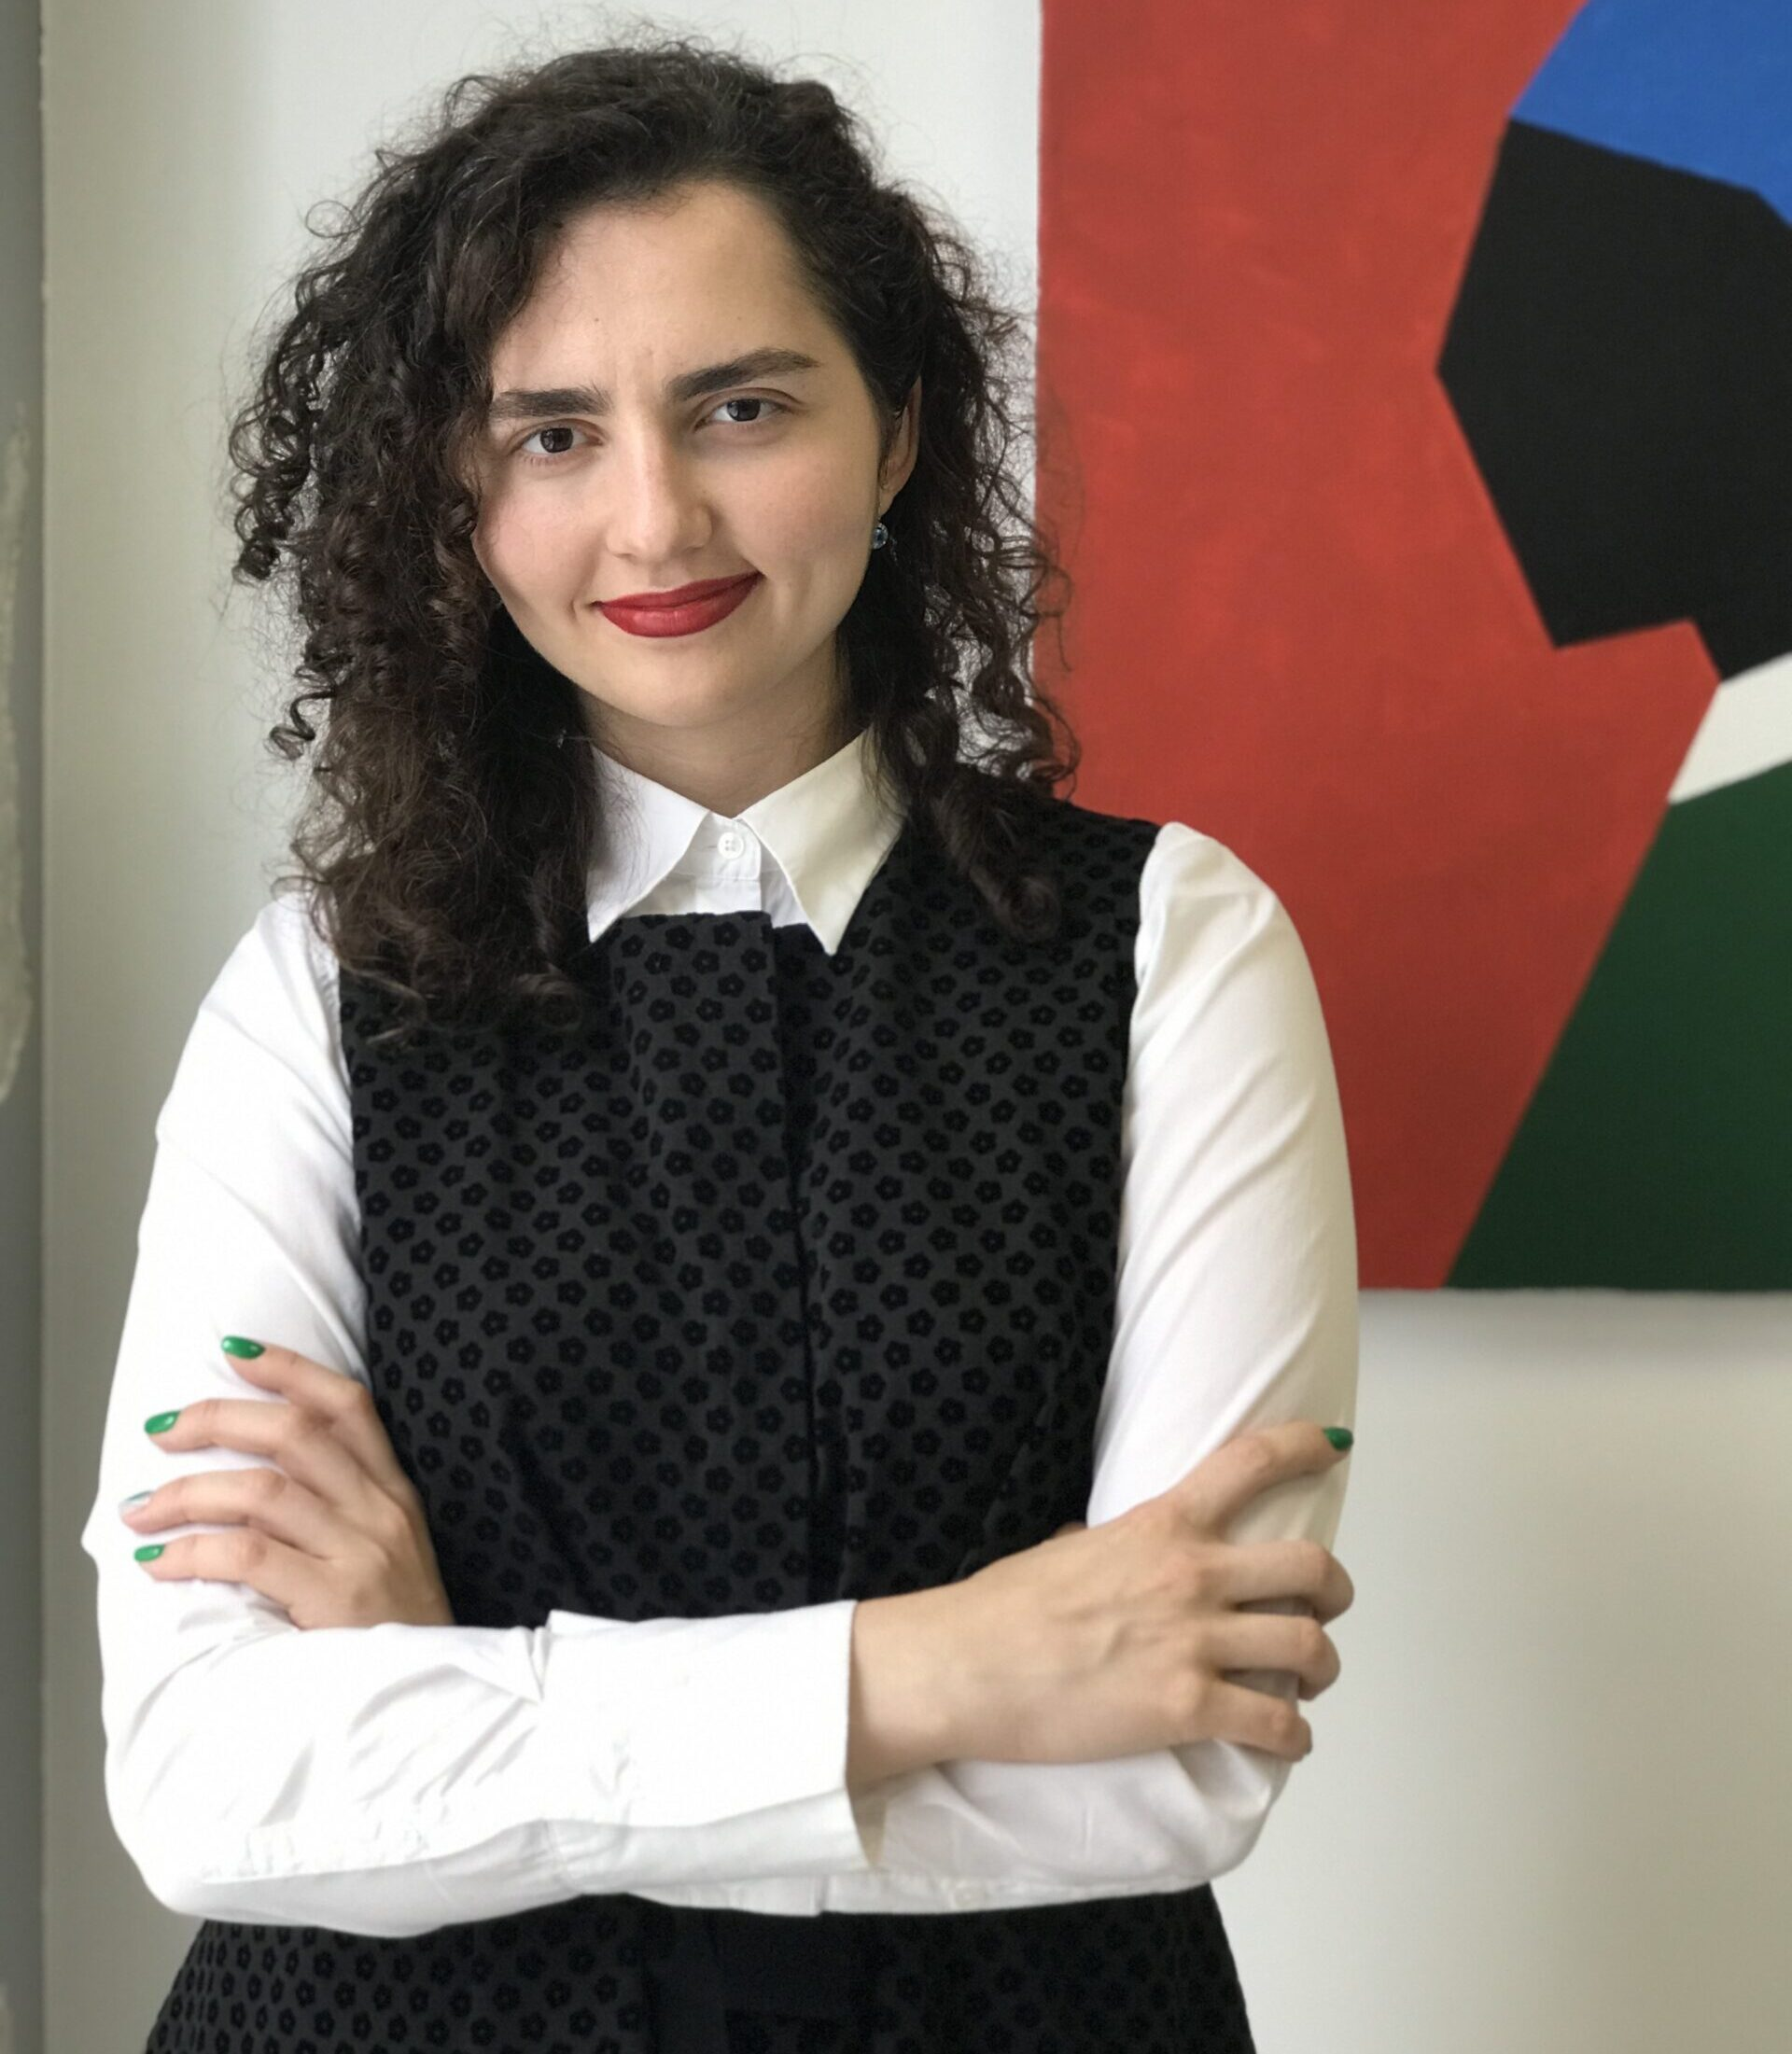 Kateryna Zatulko lawyer